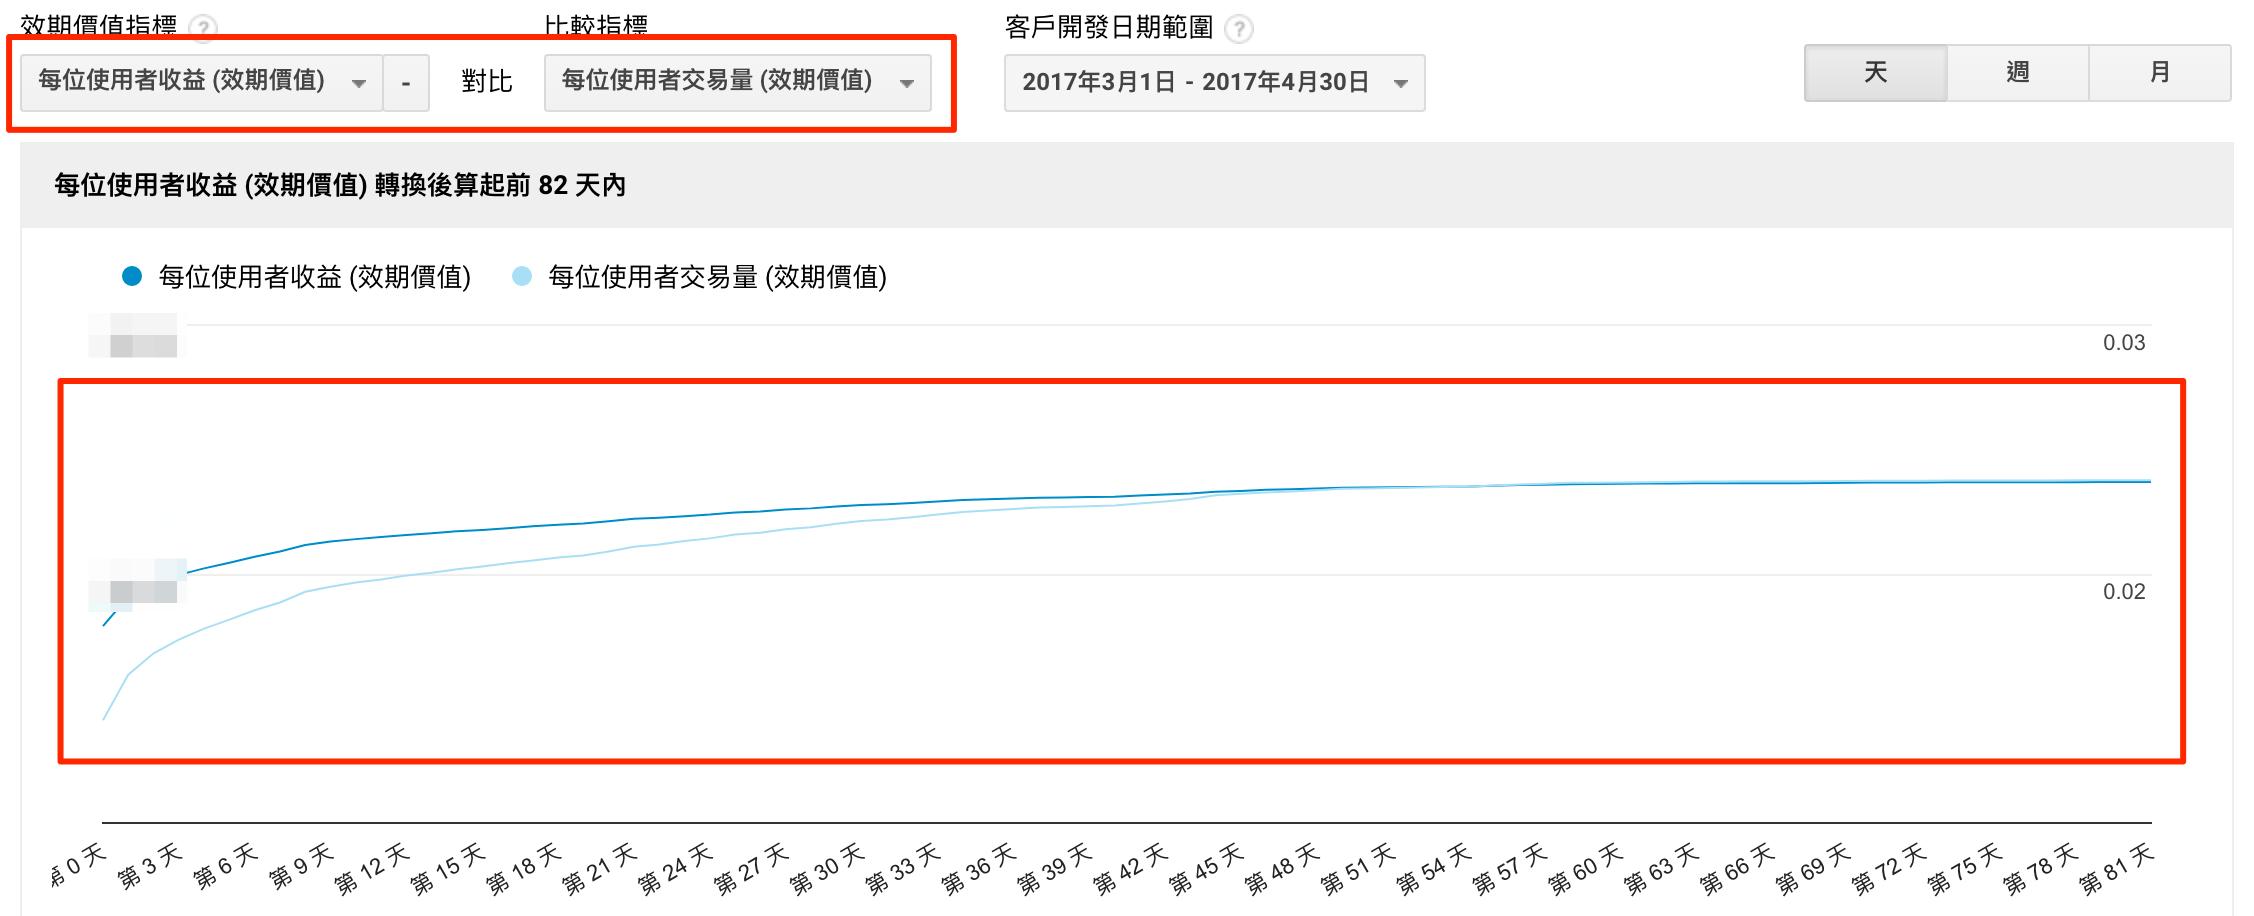 revenue compare the Transactions